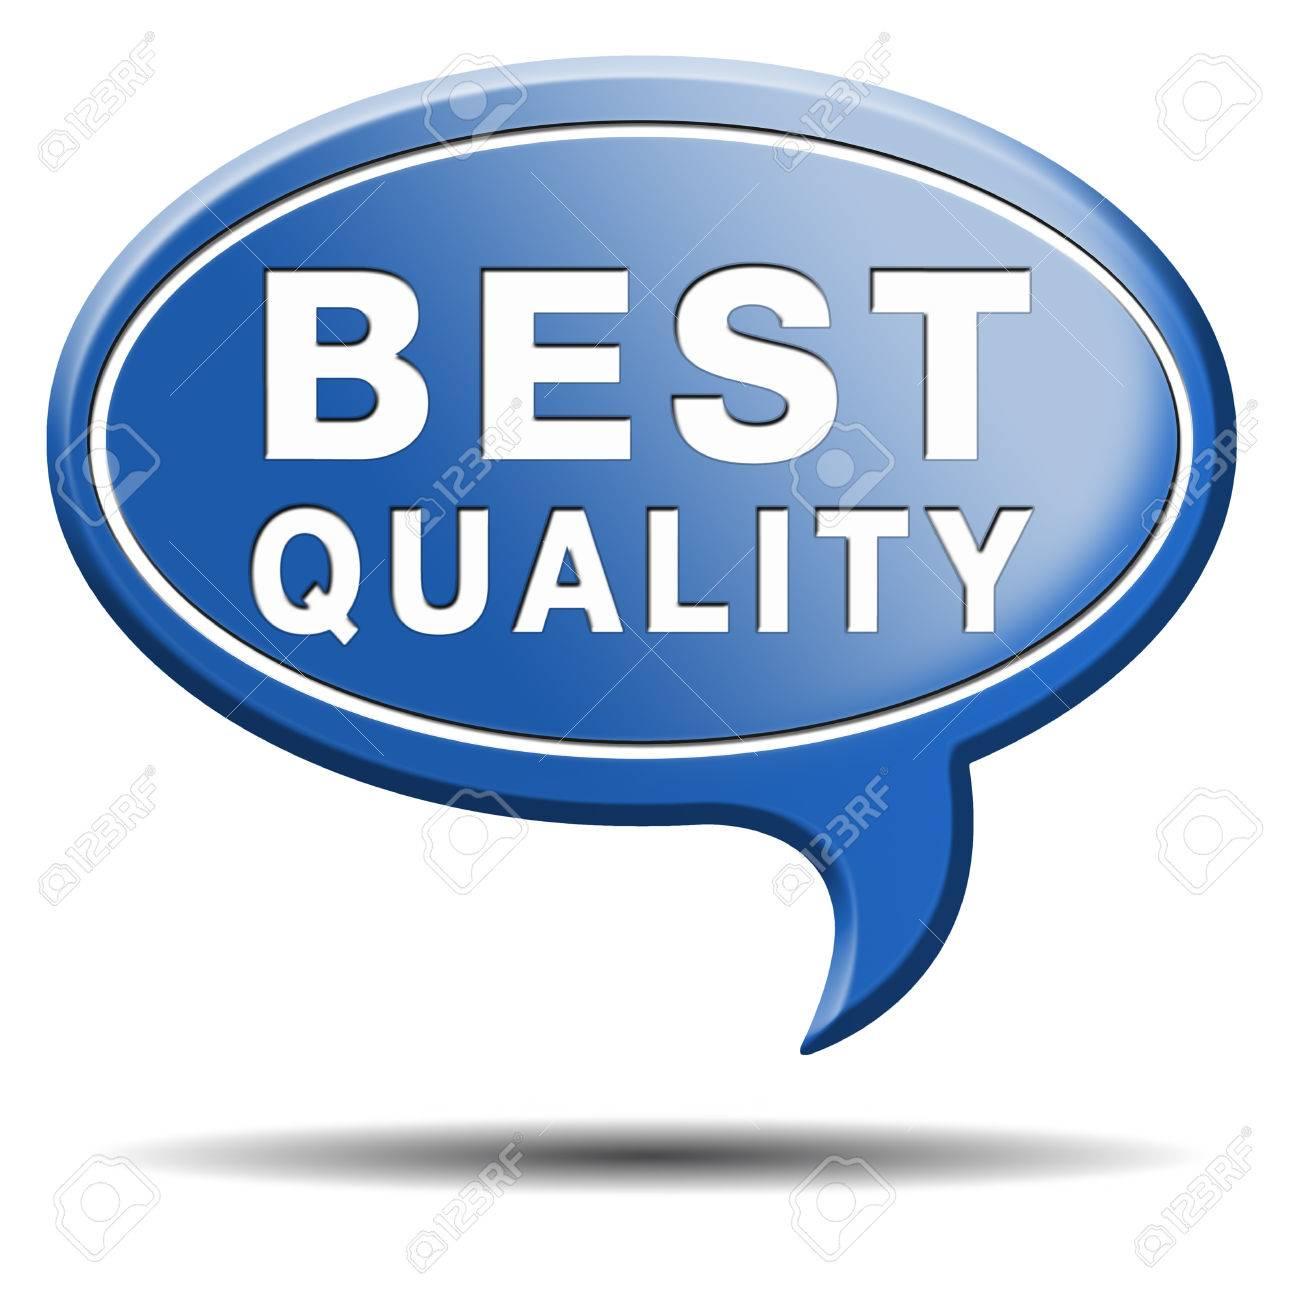 Archivio Fotografico - Migliore qualità migliore delle migliori qualità di  etichetta certificato 100% prodotto di punta garantito 1cf700a1e6d